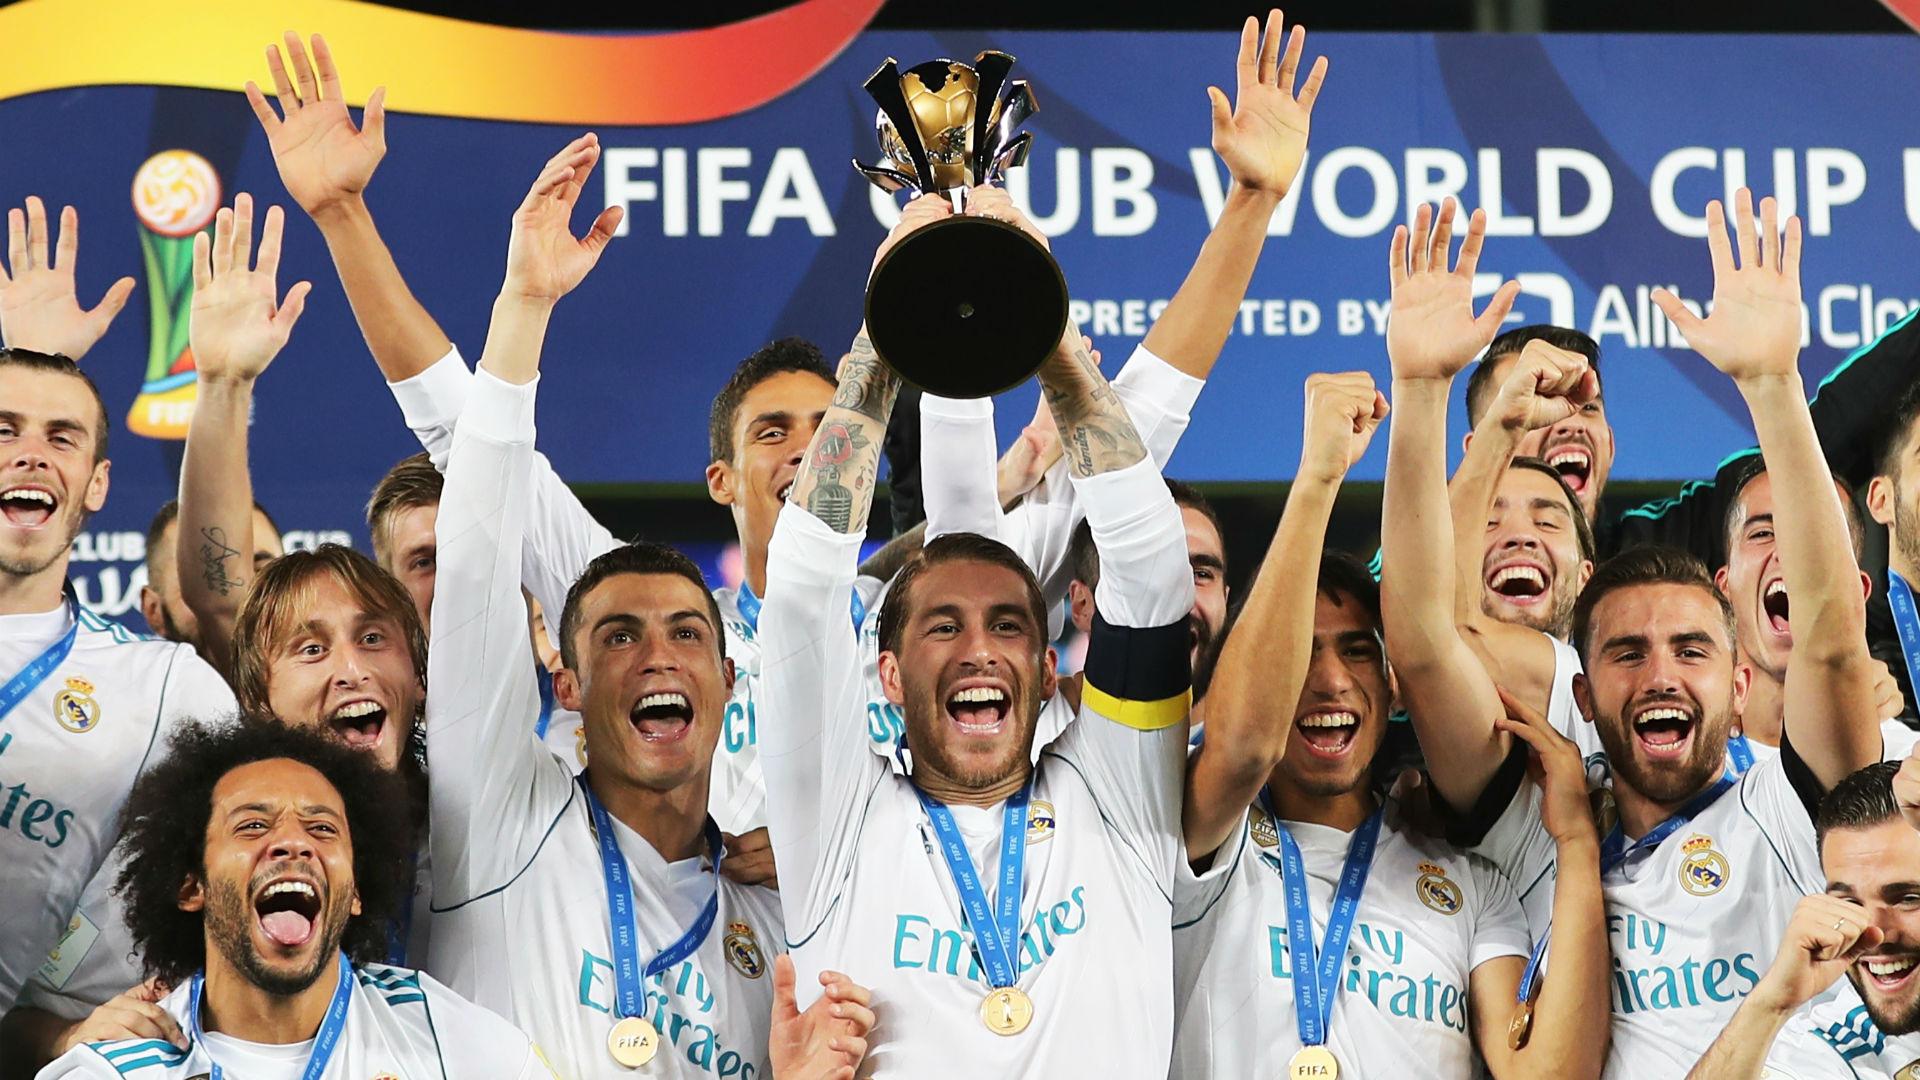 Premier League clubs against Champions League revamp plans